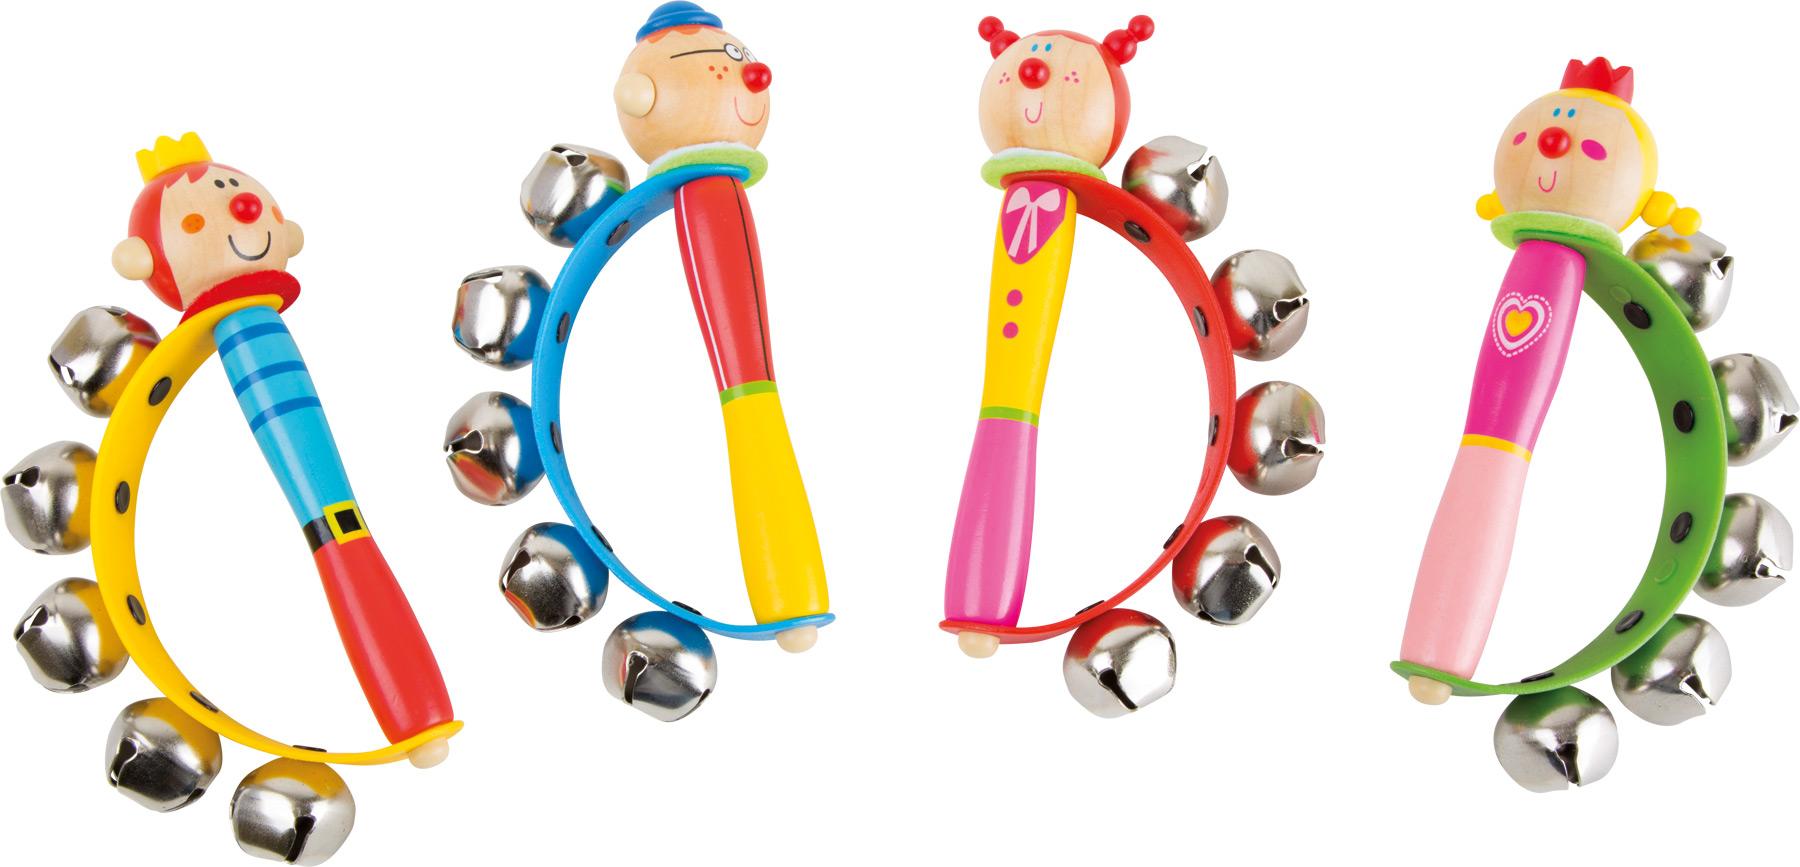 Small Foot - Wooden Handbells